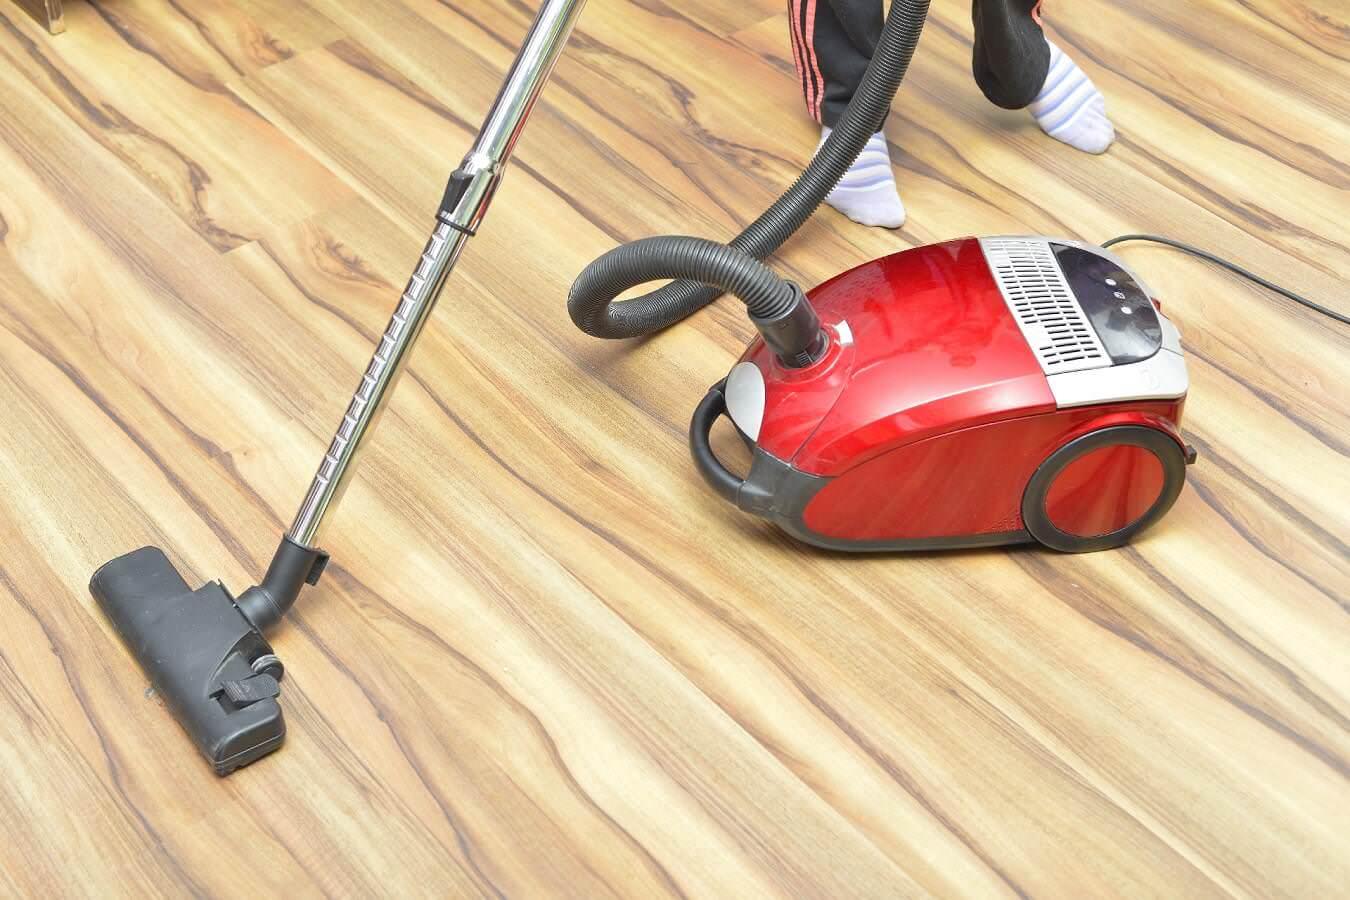 気分もすっきり!部屋の掃除や整理整頓をすることの5つのメリット